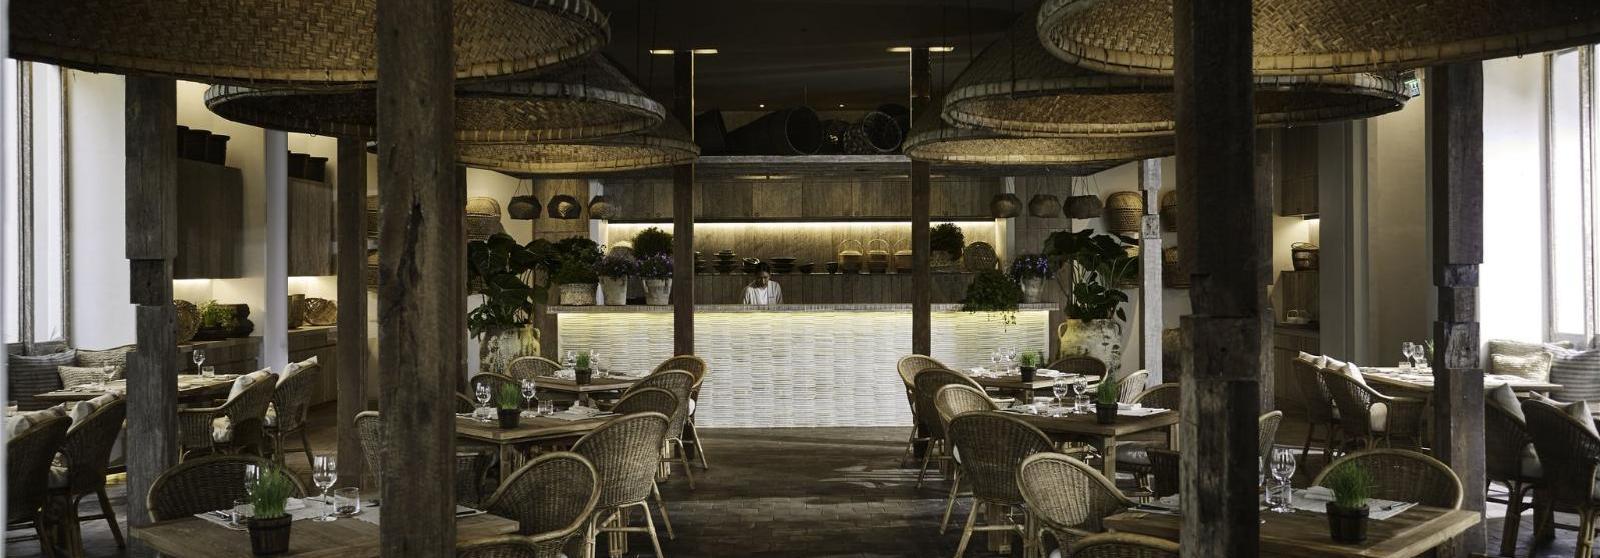 拉雅文化酒店(Raya Heritage) 图片  www.lhw.cn